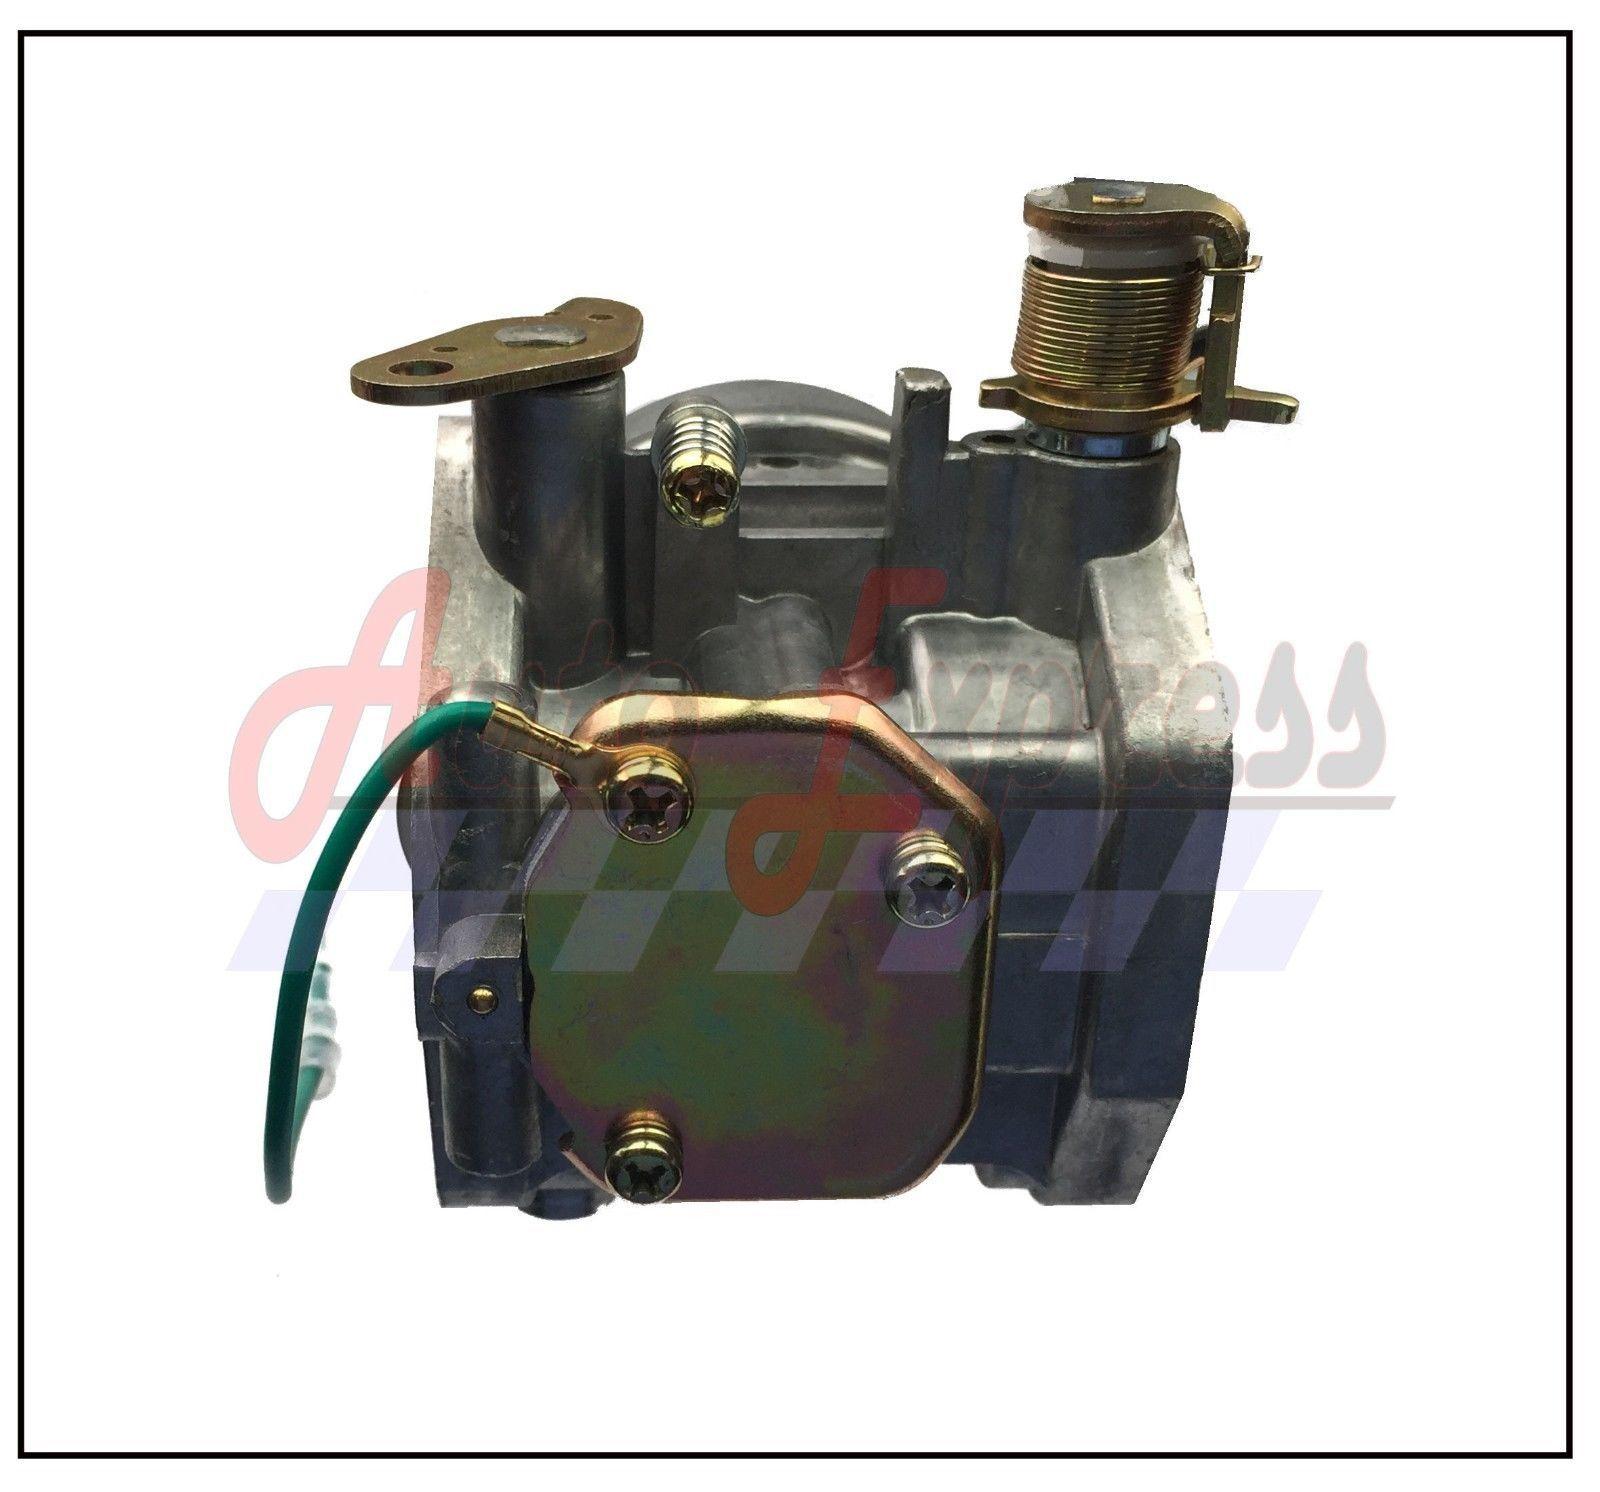 CARBURETOR FITS KOHLER LH640 LH685 LH690 NIKKI CARB OIL FUEL FILTER image 3